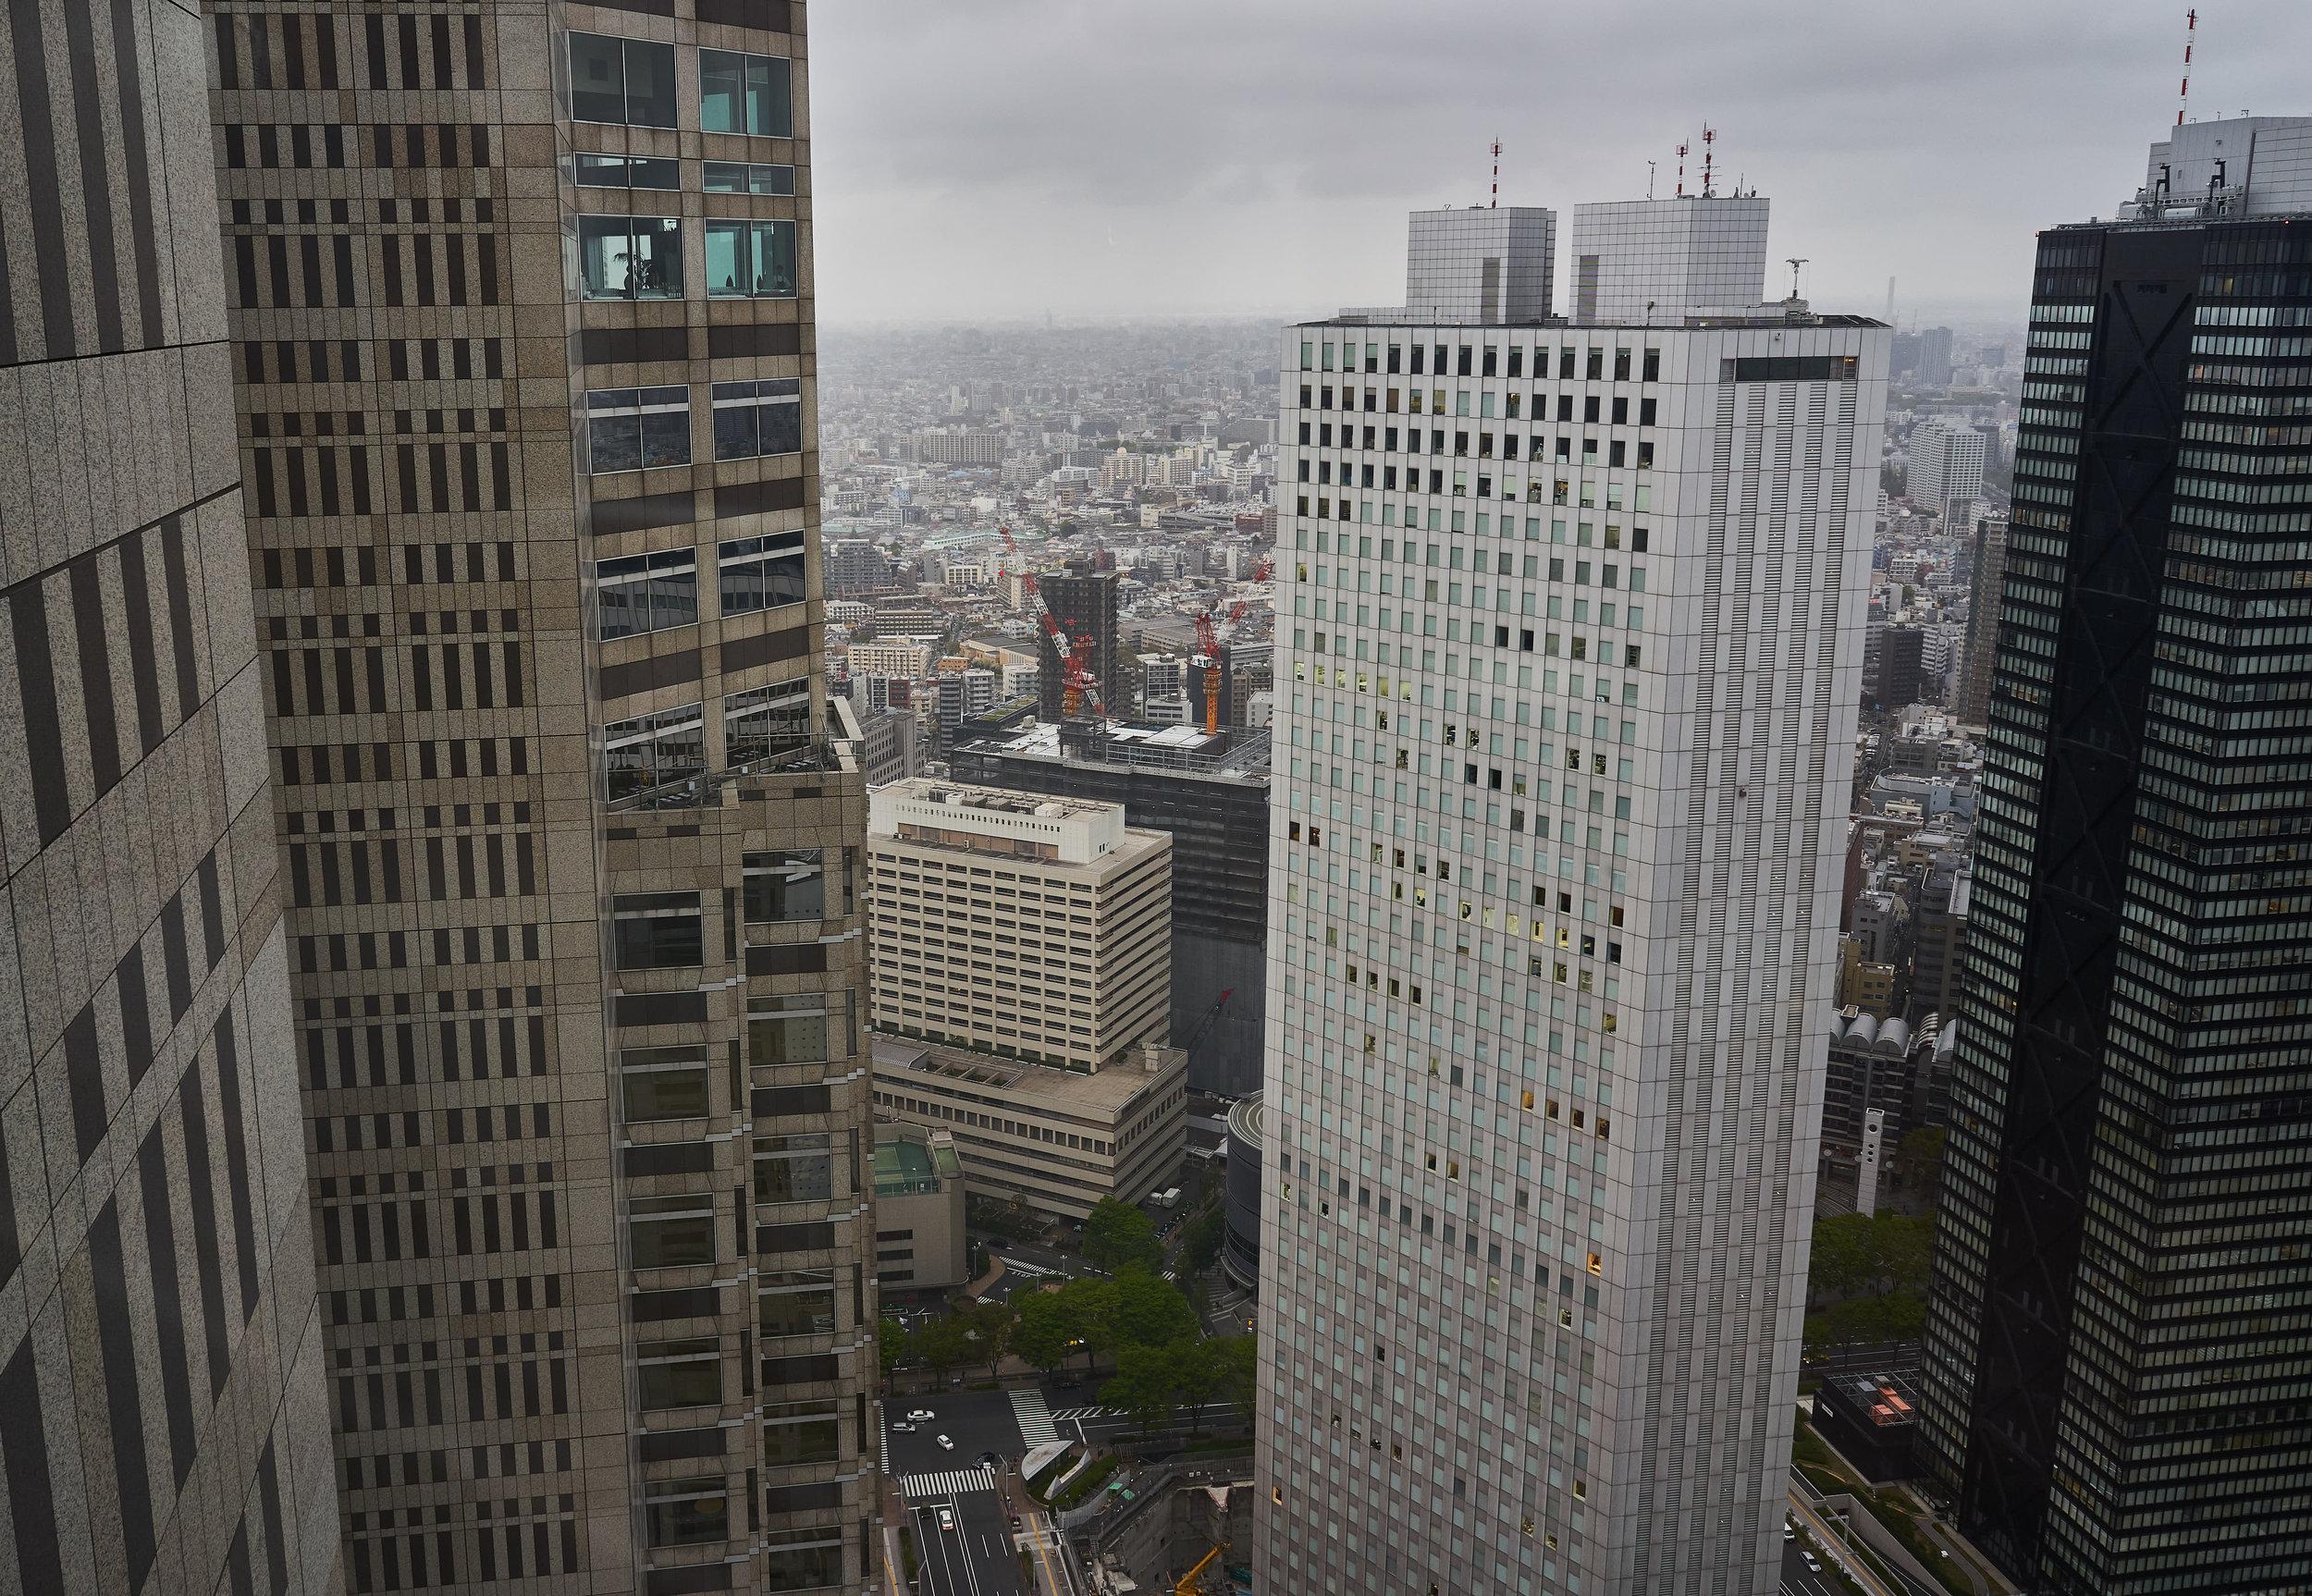 Tokio_Government Buidling_View_4_kom.jpg